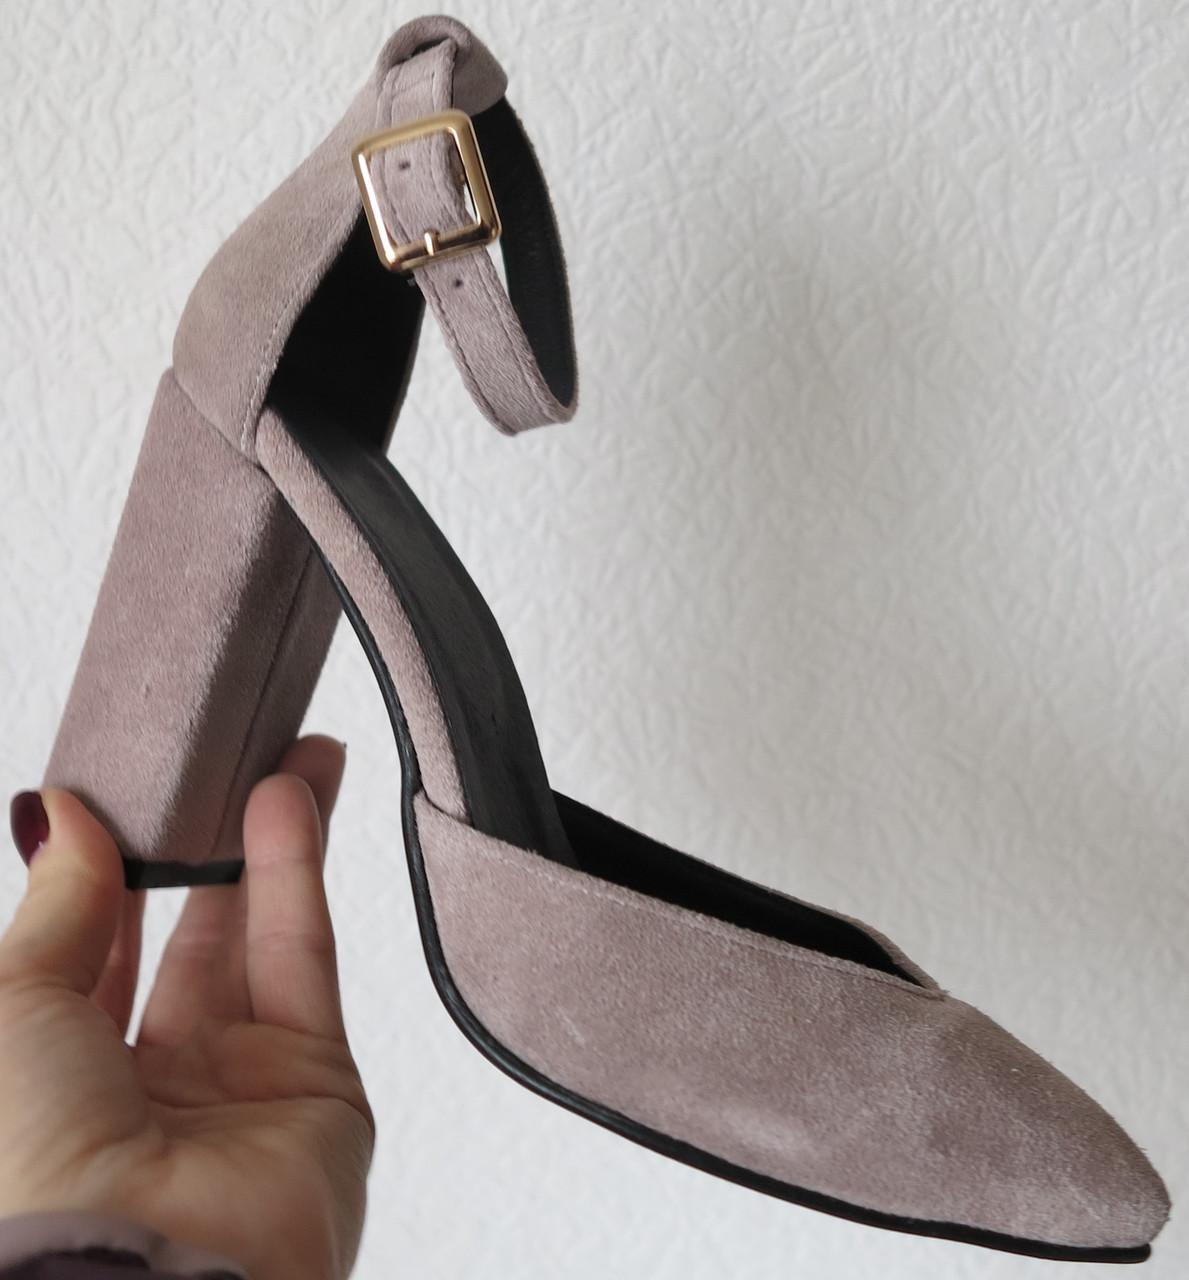 Mante! Красивые женские цвет латте босоножки туфли каблук 10 см весна лето осень